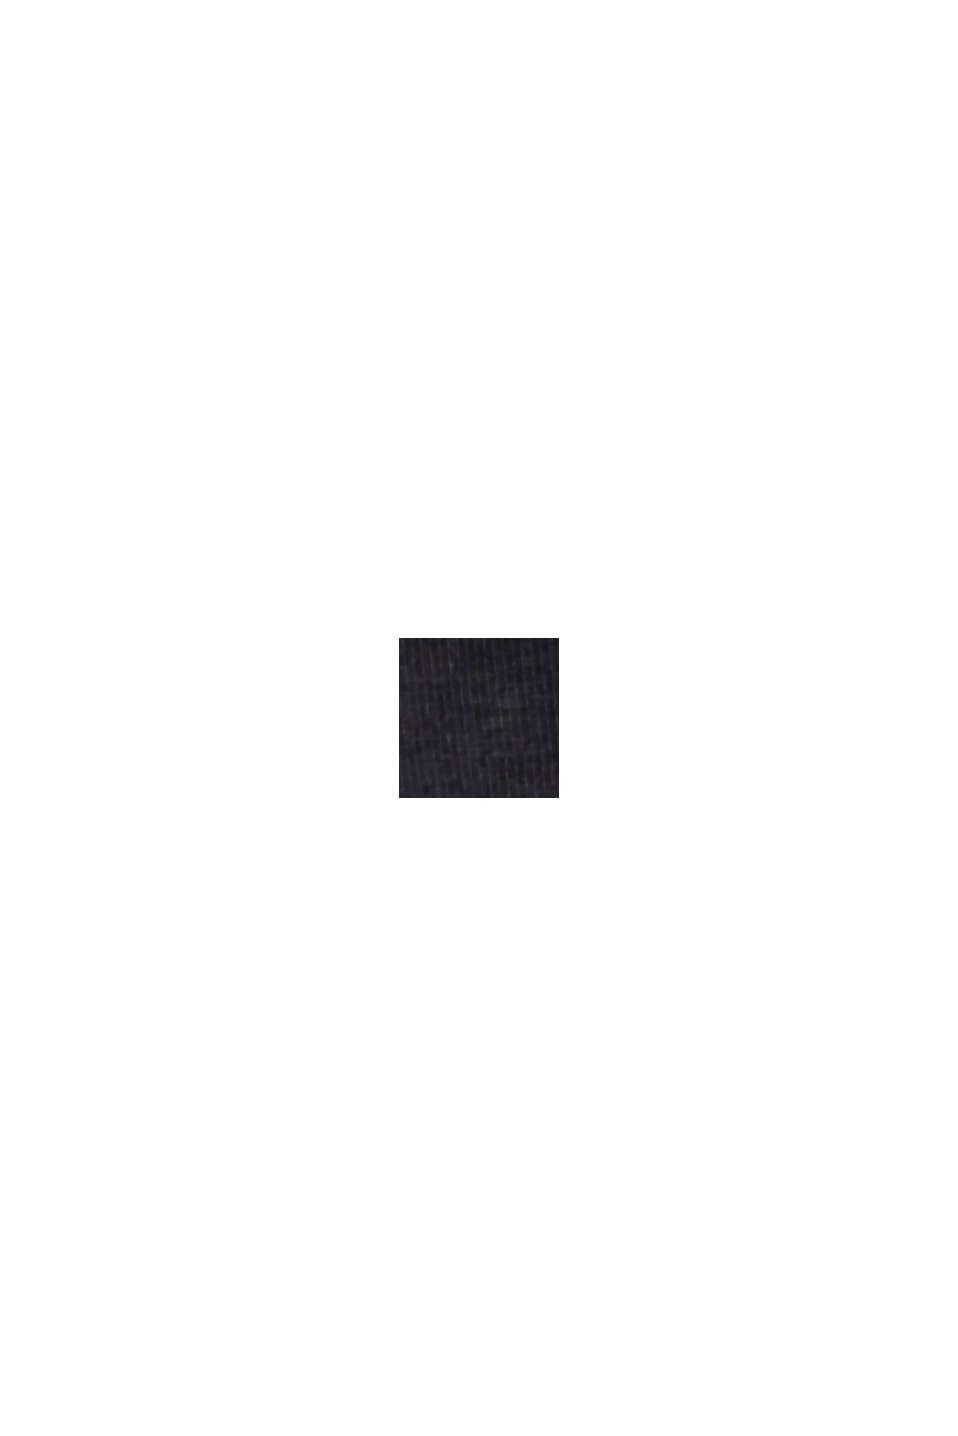 Långärmad tröja med polokrage, ekologisk bomull, BLACK, swatch